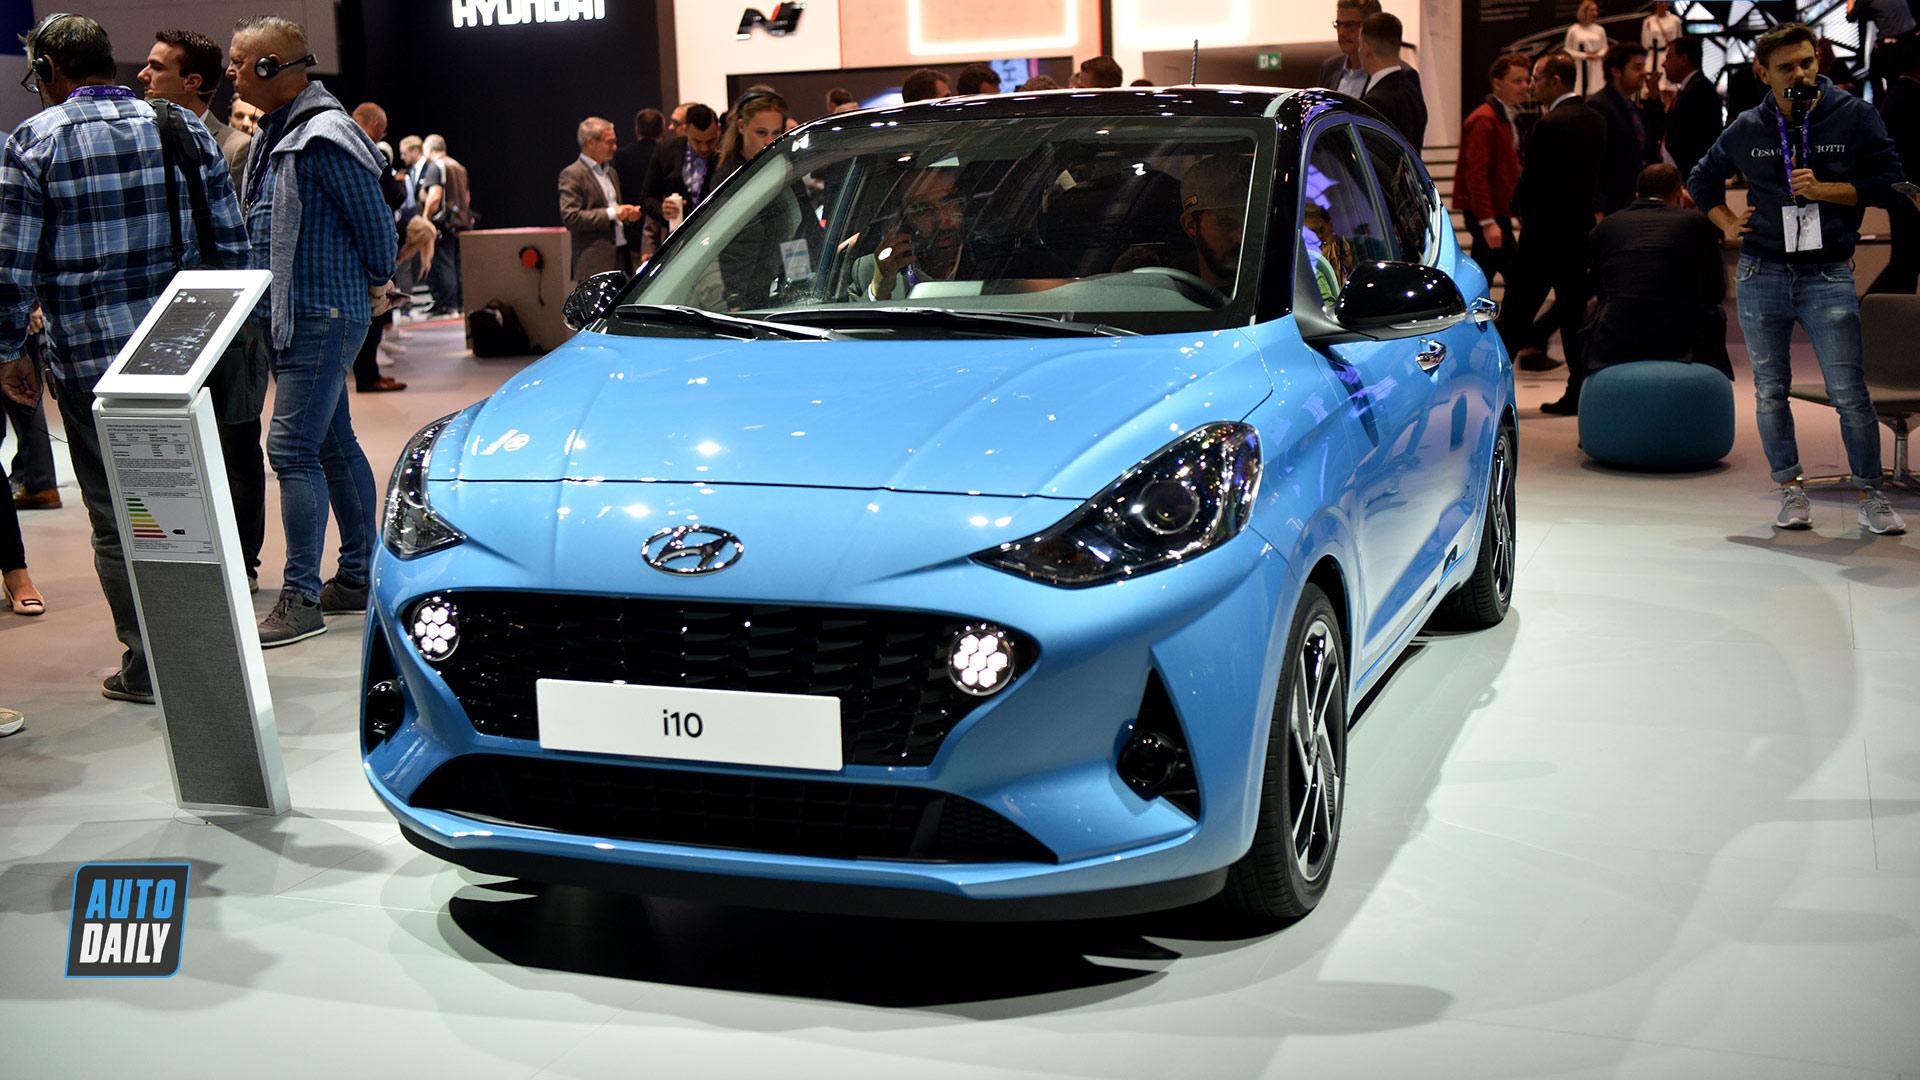 Xem trước Hyundai i10 2020 sắp về Việt Nam